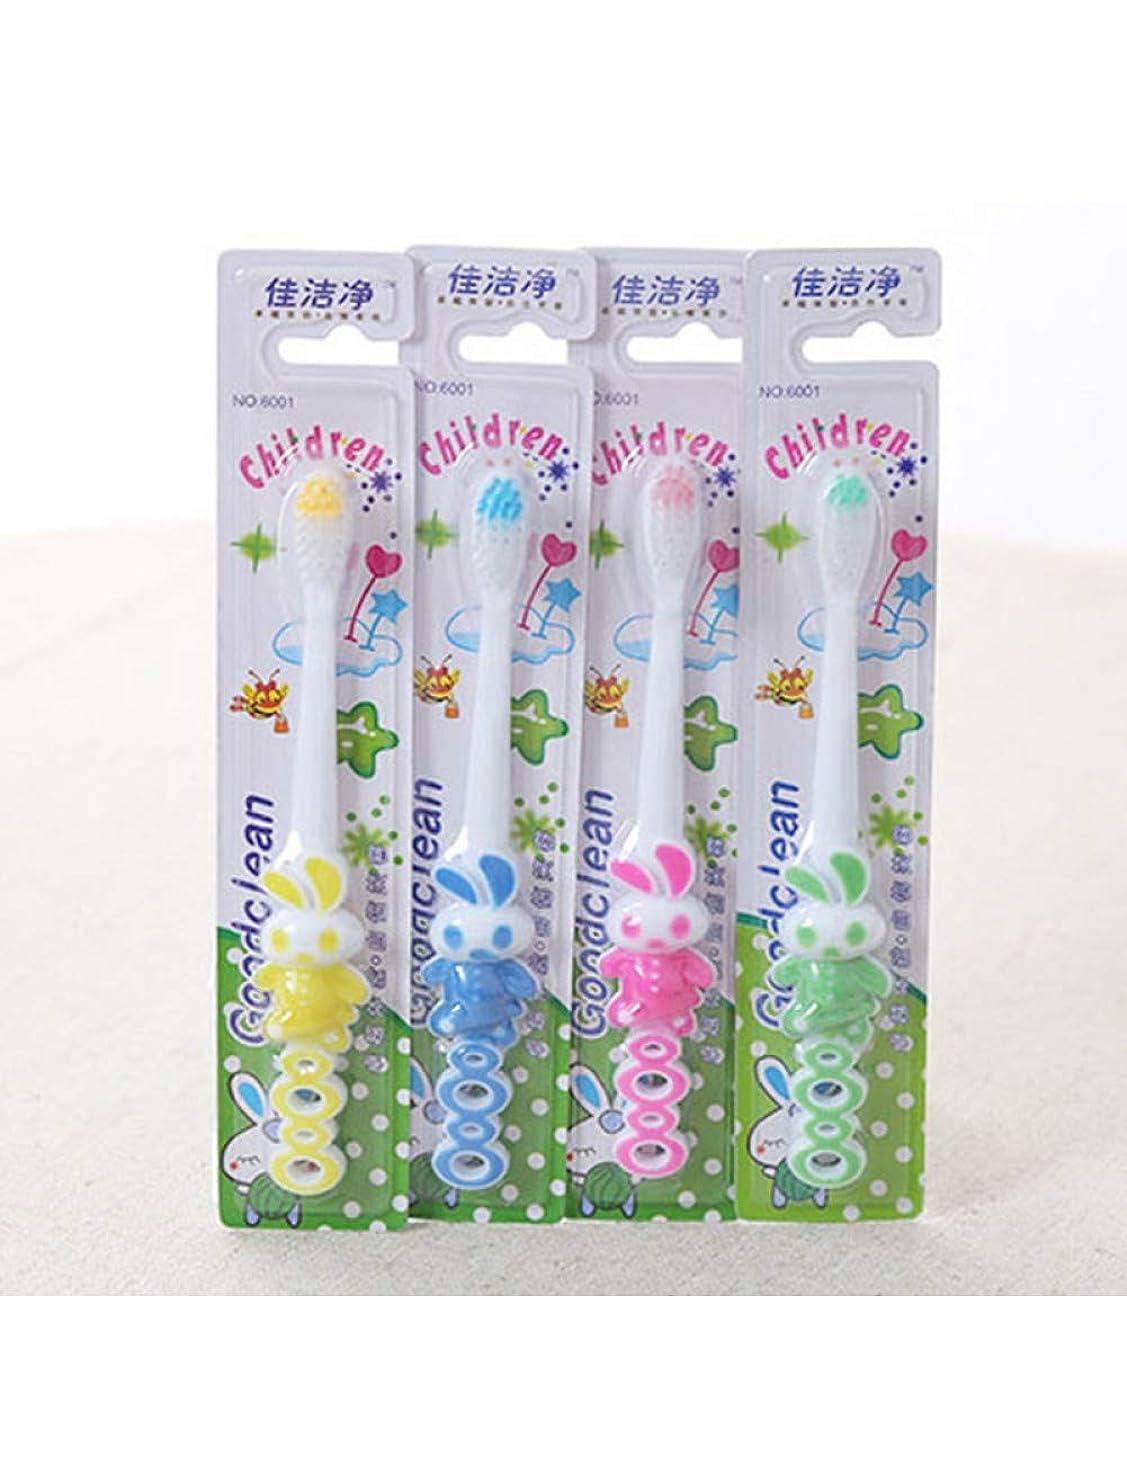 条約罪人延期する4個の子供の歯ブラシのおもちゃ漫画の顔の歯ブラシ健康子供の歯ブラシ、